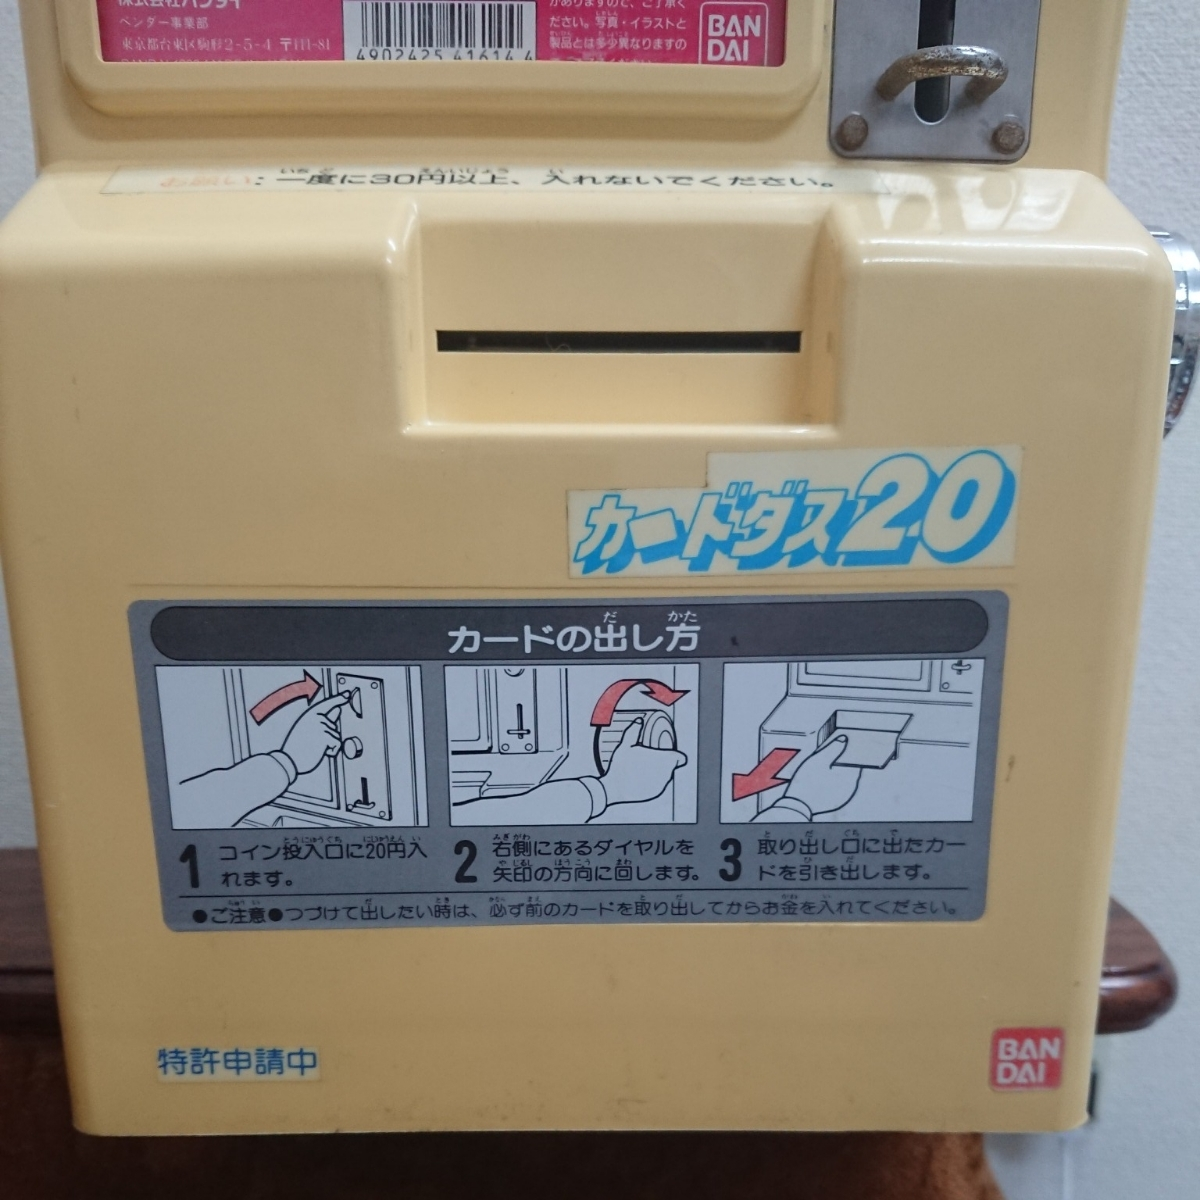 ■1円~ バンダイ カードダス20 1988年製 本体 可動品 台紙は クレヨンしんちゃん part3 発送はゆうパック120_画像3